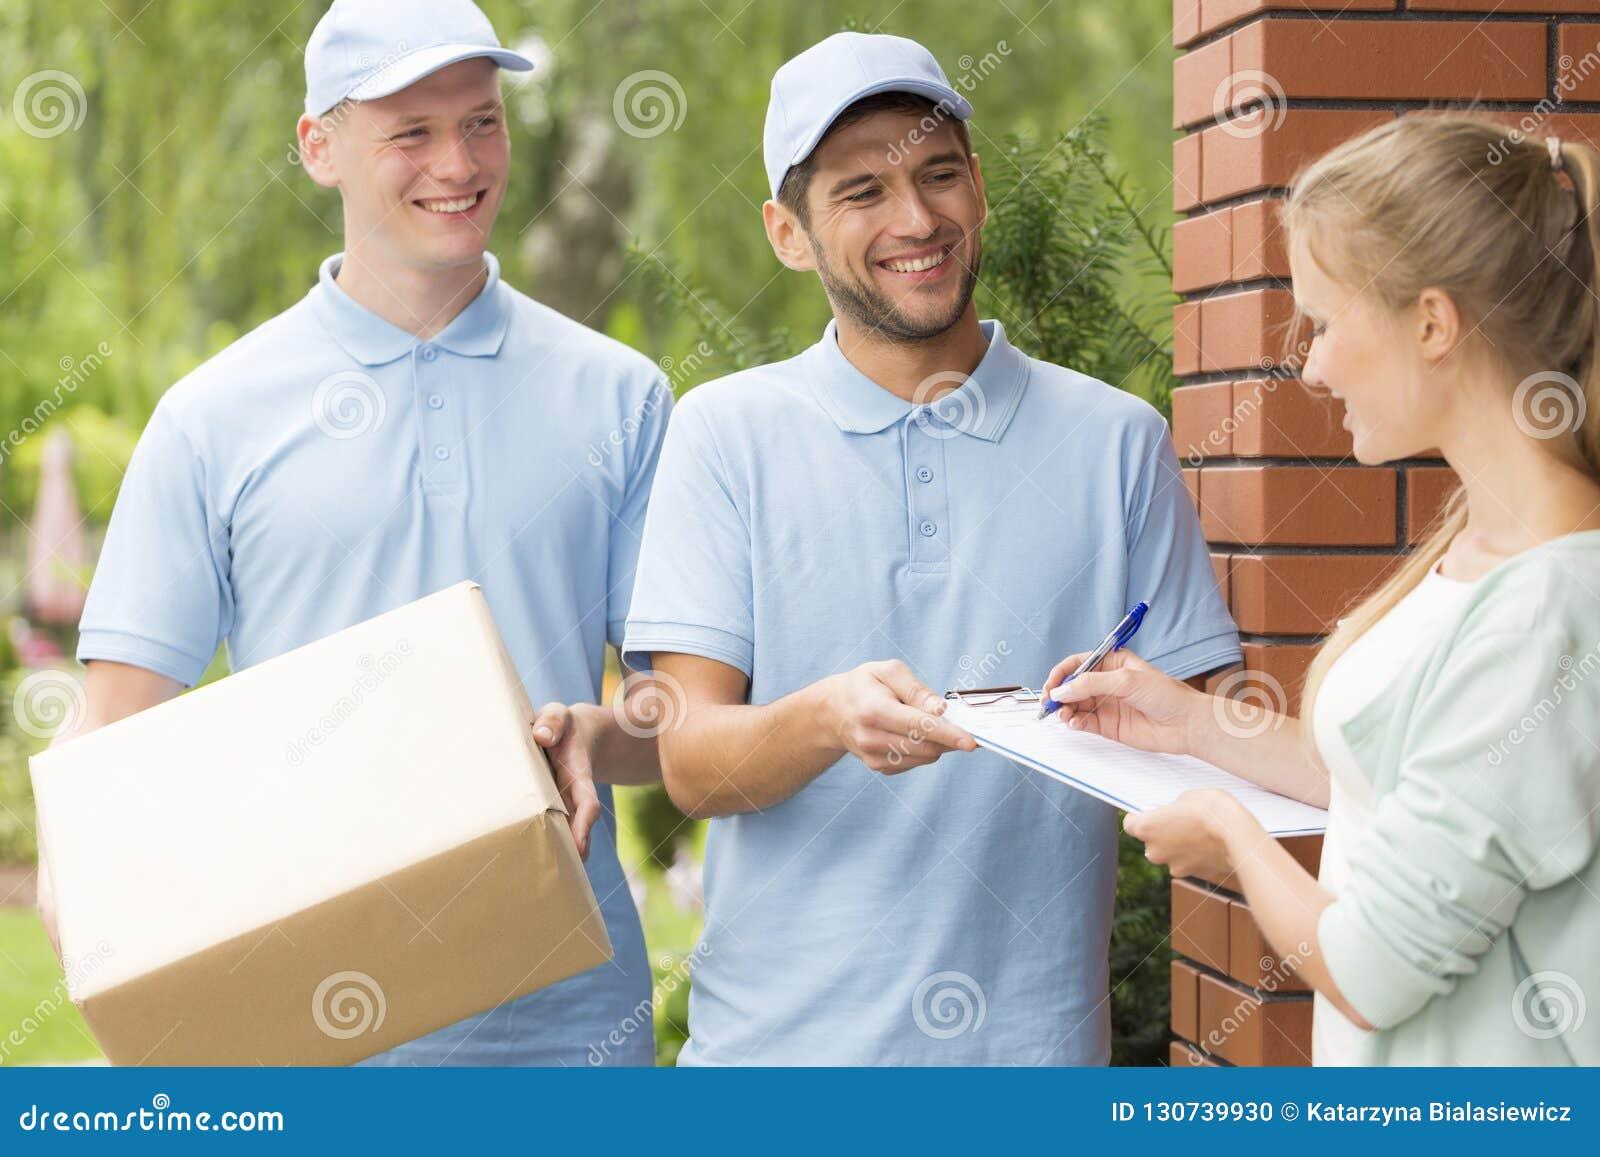 Hübsche Kuriere in den blauen Uniformen, die ein Paket an eine junge hübsche Frau liefern